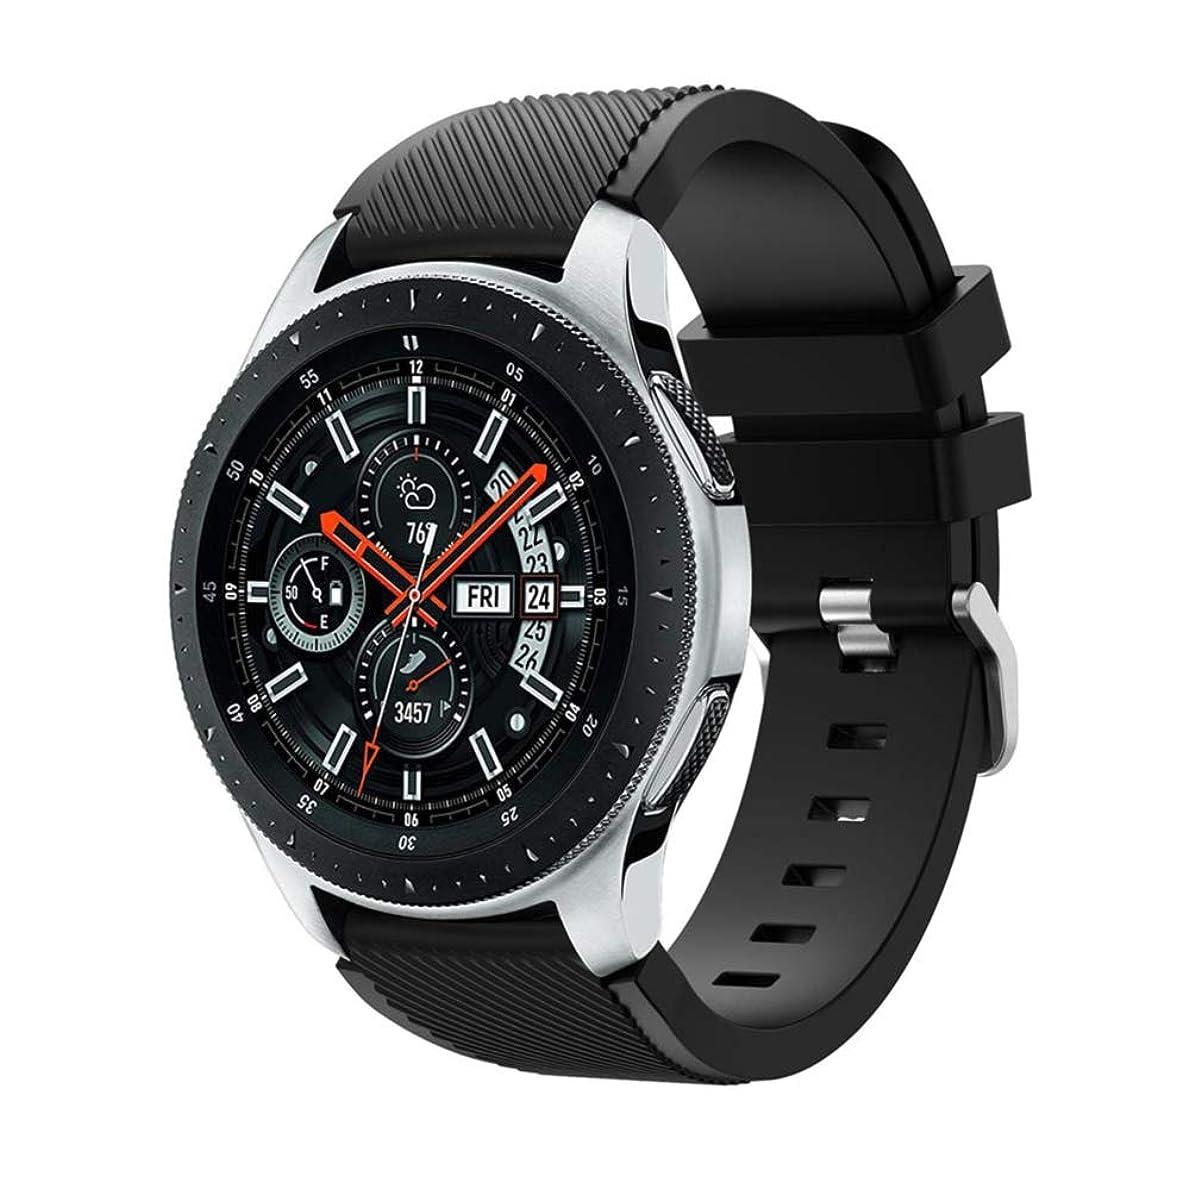 香水特殊加害者Samsung Galaxy Watch 46mmバンド Comtax 22mm シリコン製 交換用バンド Samsung Galaxy Watch 46mm バンド (ブラック)